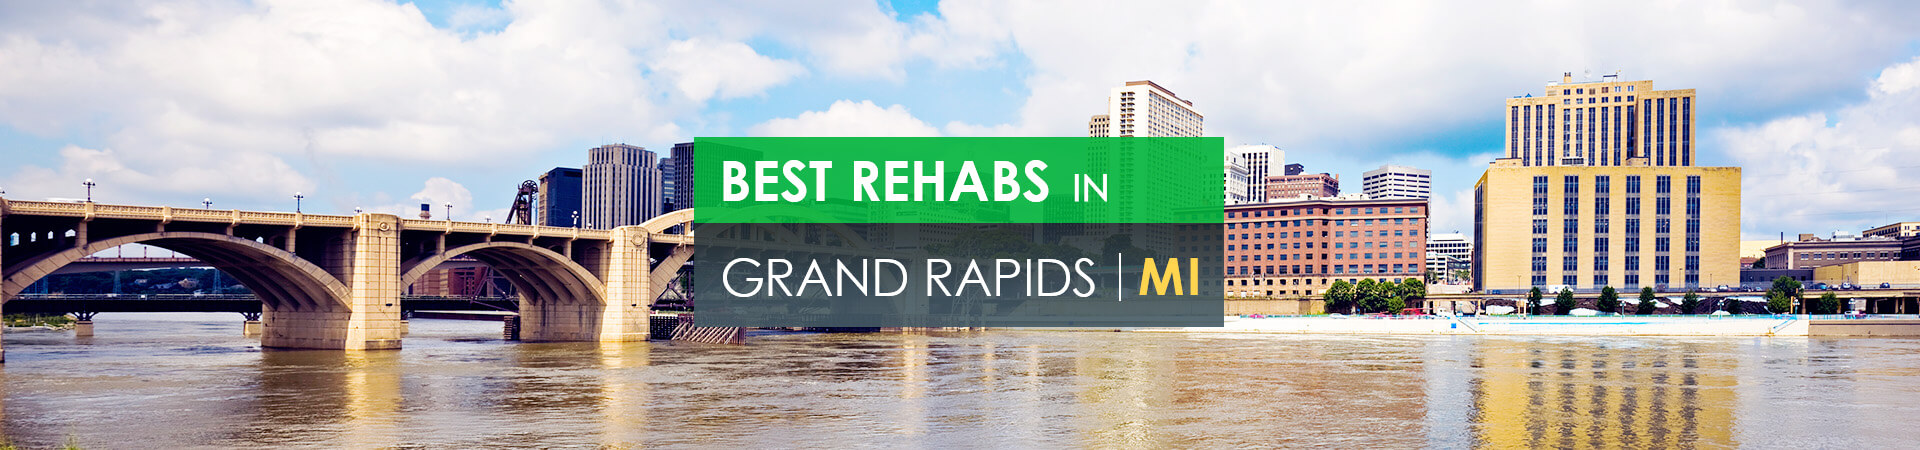 Best rehabs in Grand Rapids, MI